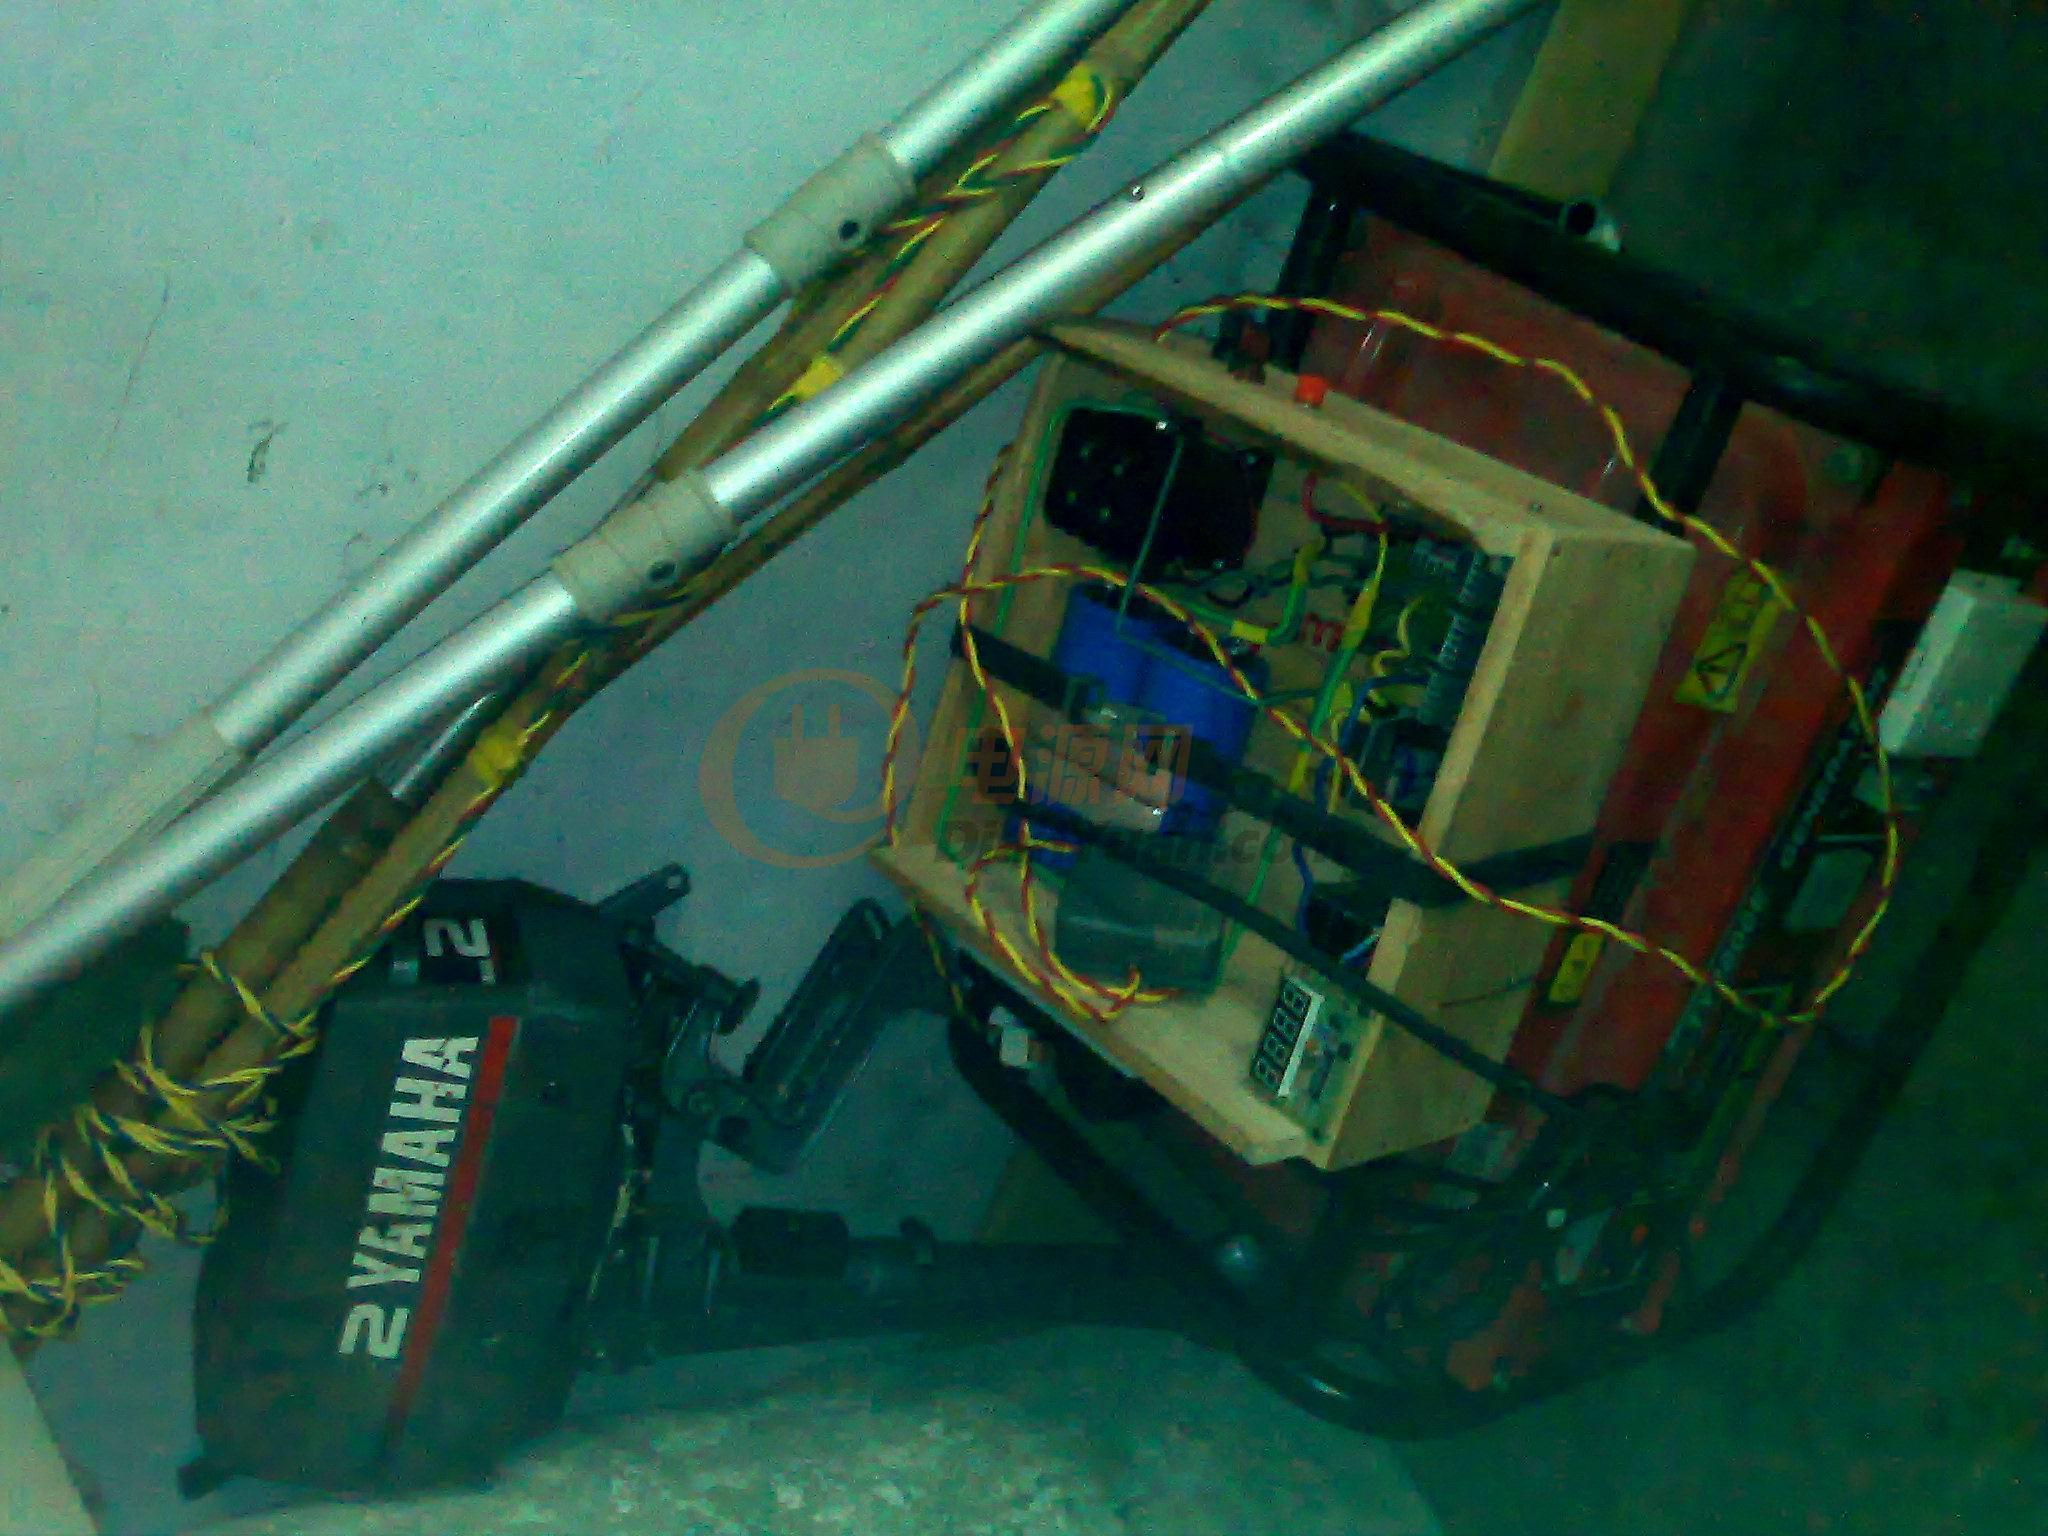 发电机3kw 昨晚试机才1米 高清图片